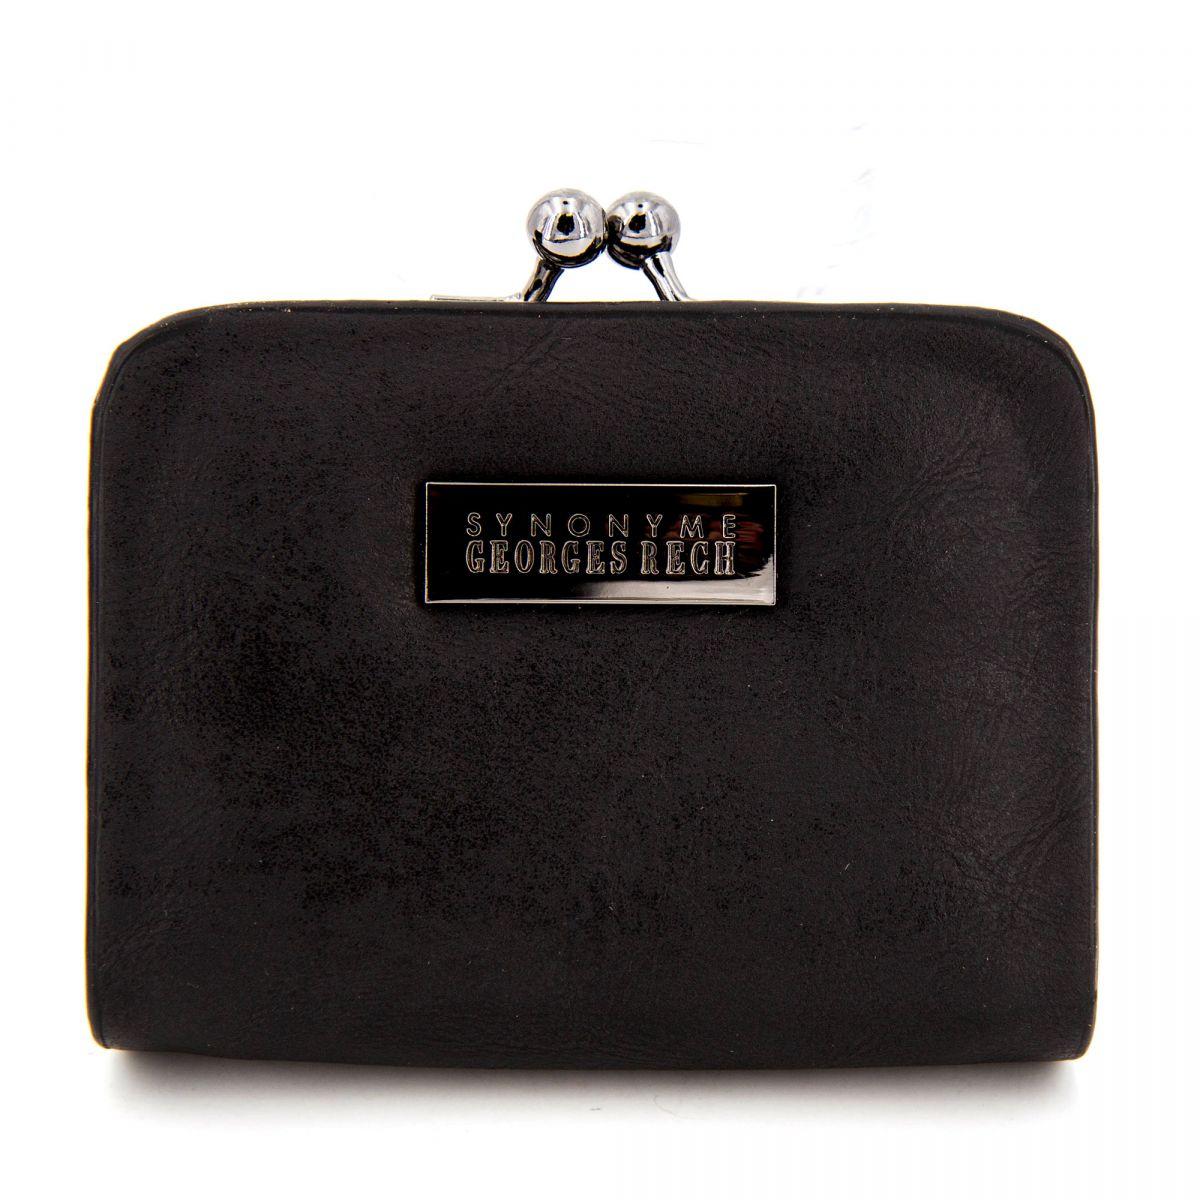 Porte monnaie gr268 3103 Femme GEORGES RECH à prix dégriffé !